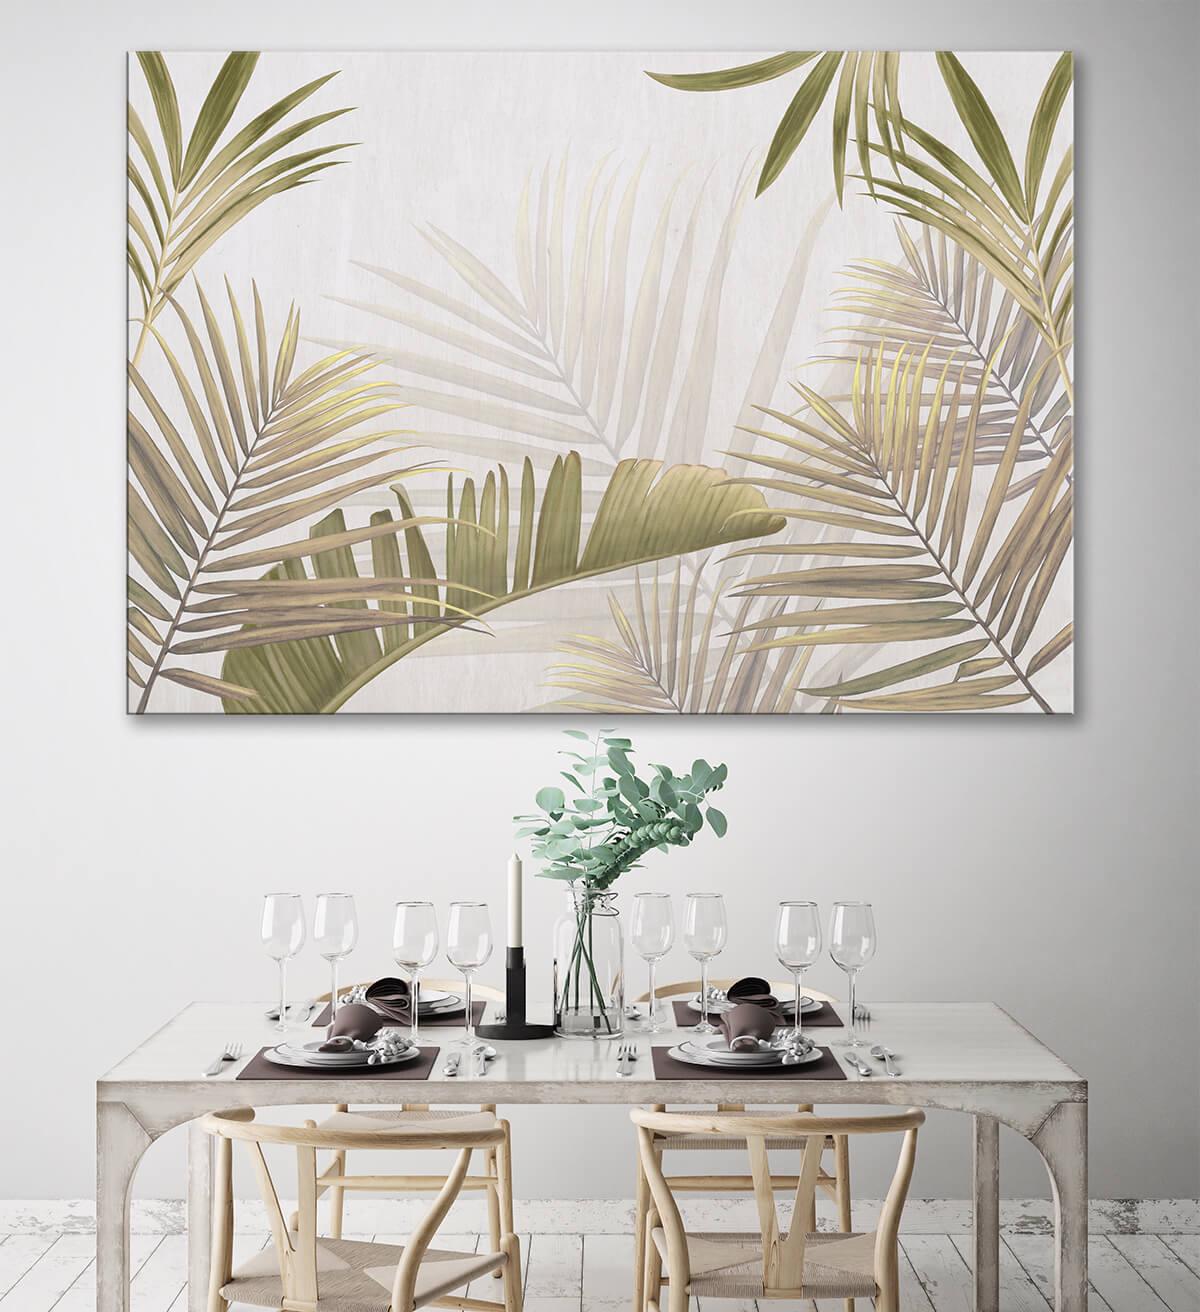 nowoczesna kuchnia i jadalnia na ścianie obraz w palmy